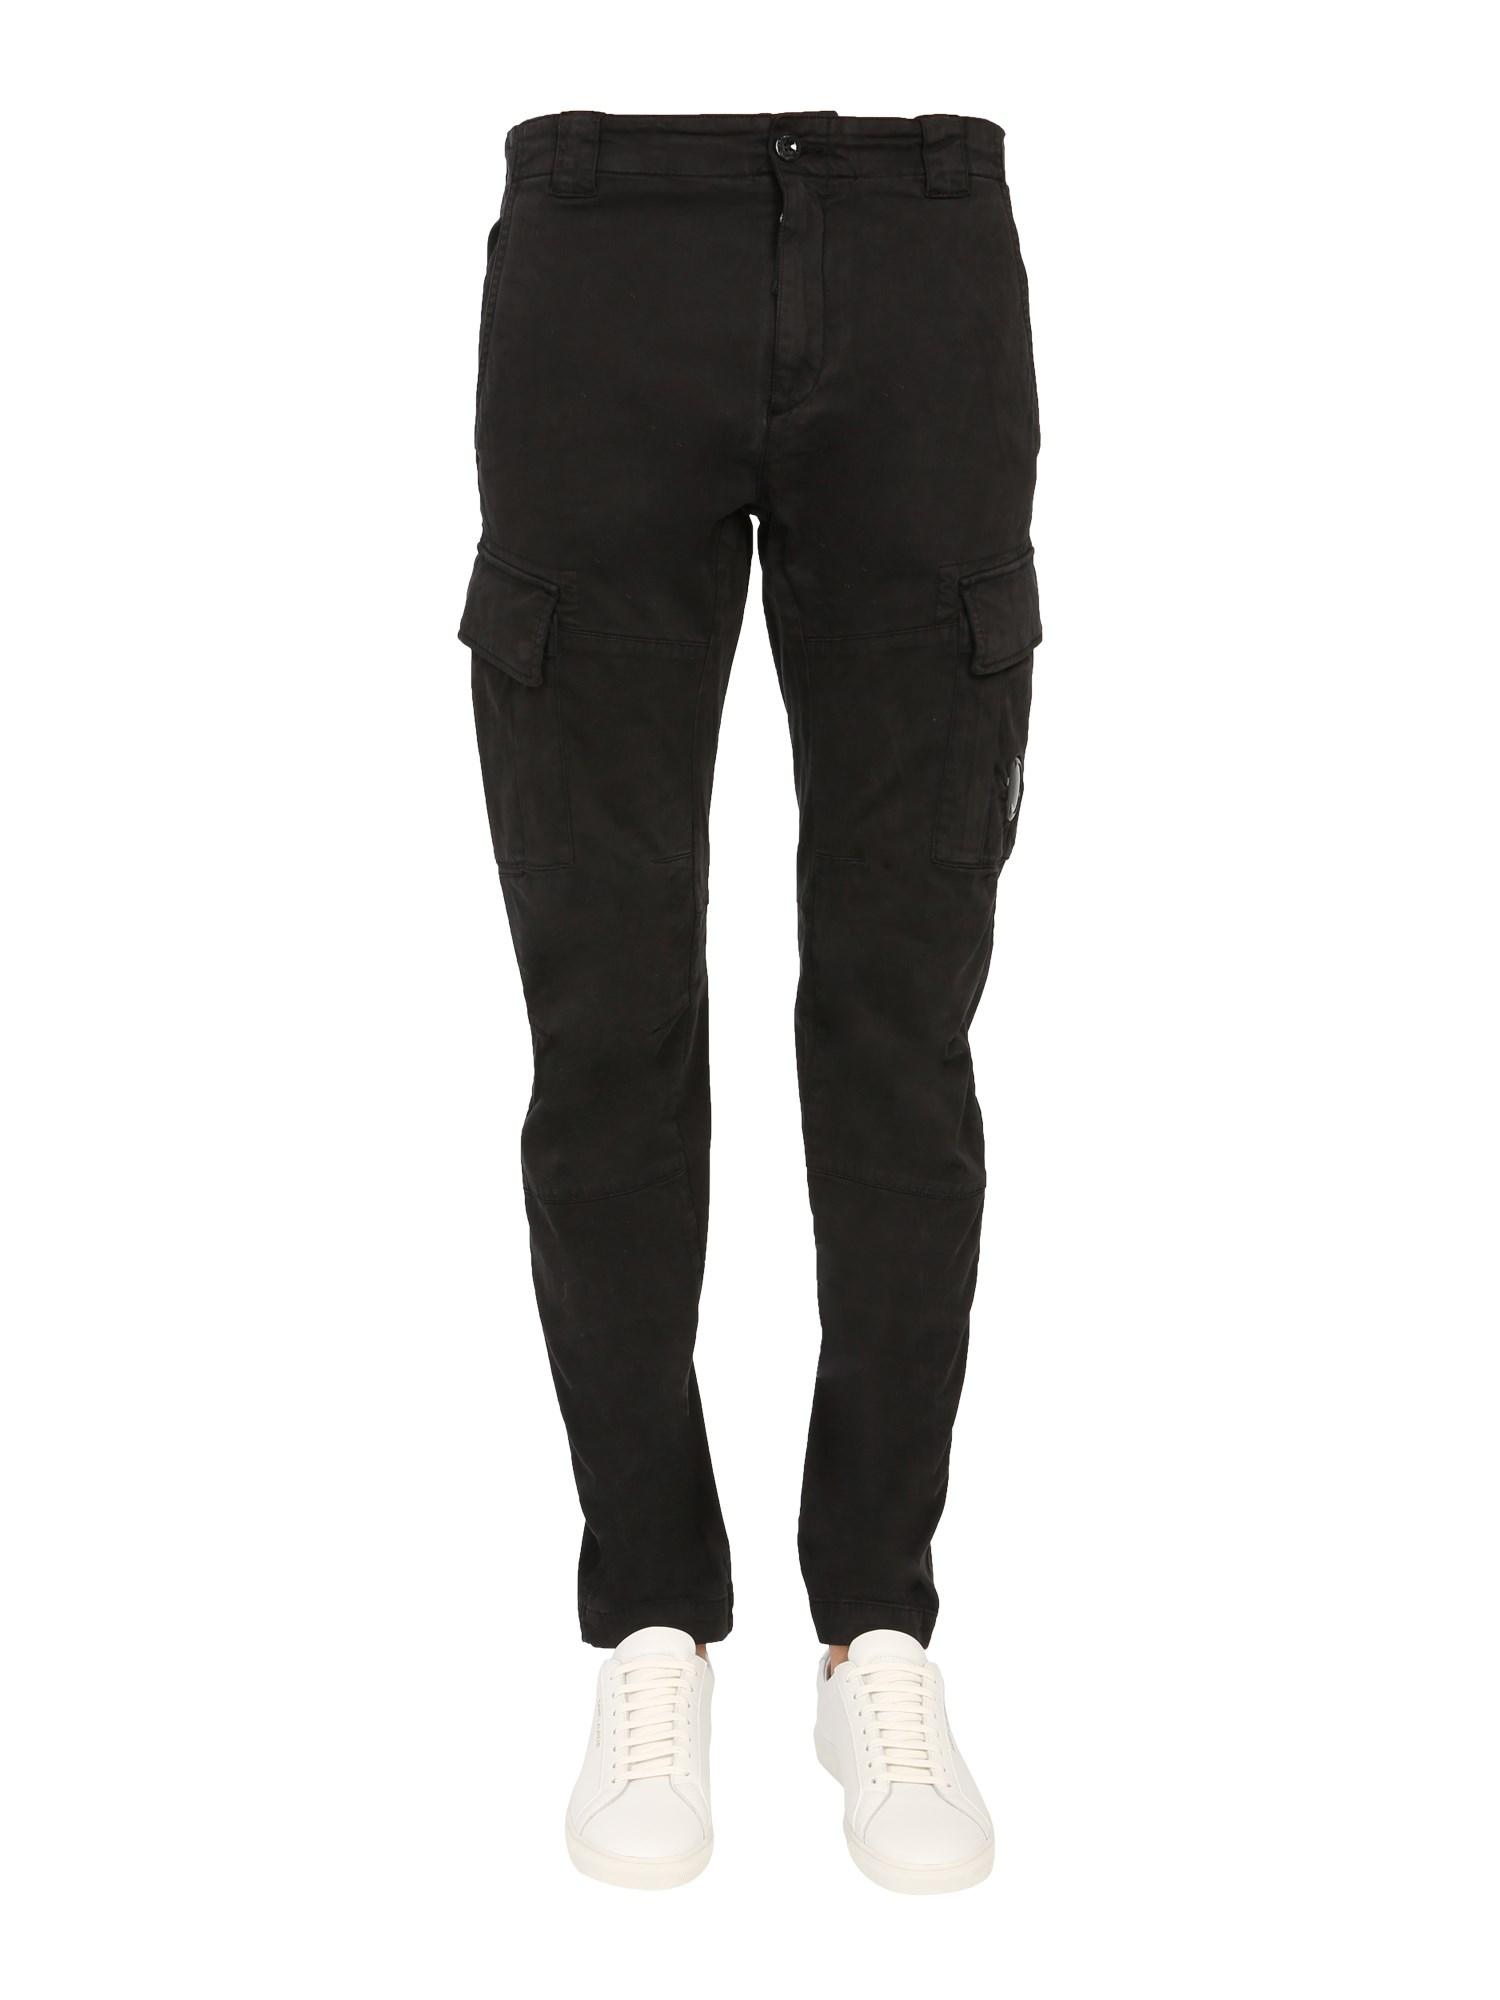 c.p. company pantalone cargo